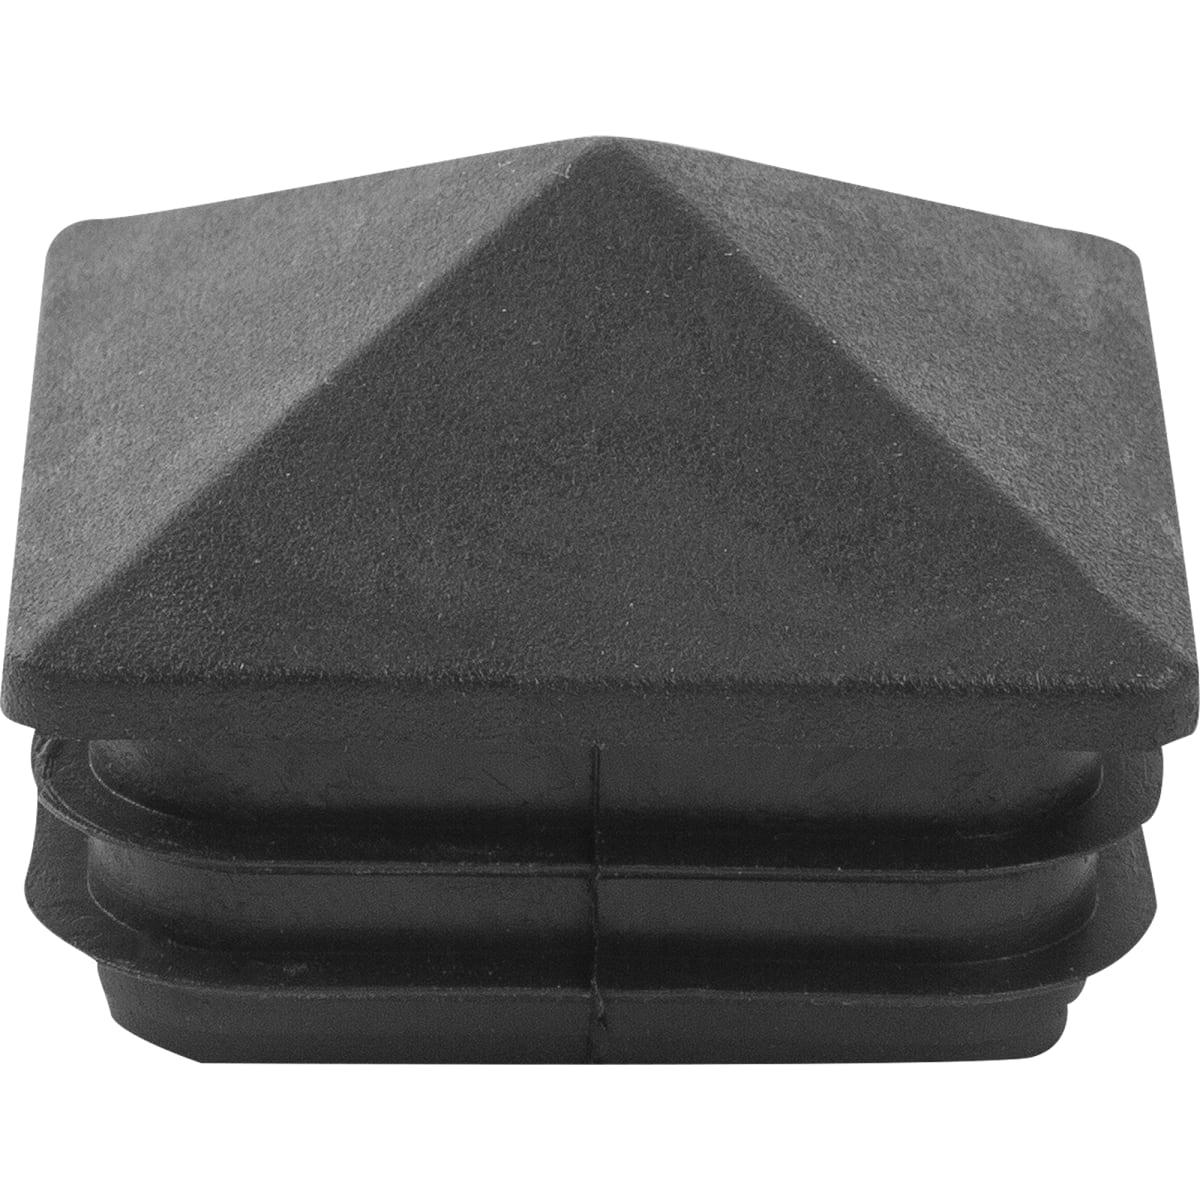 Заглушка 50х50 мм внутренняя домик черная 2 шт.